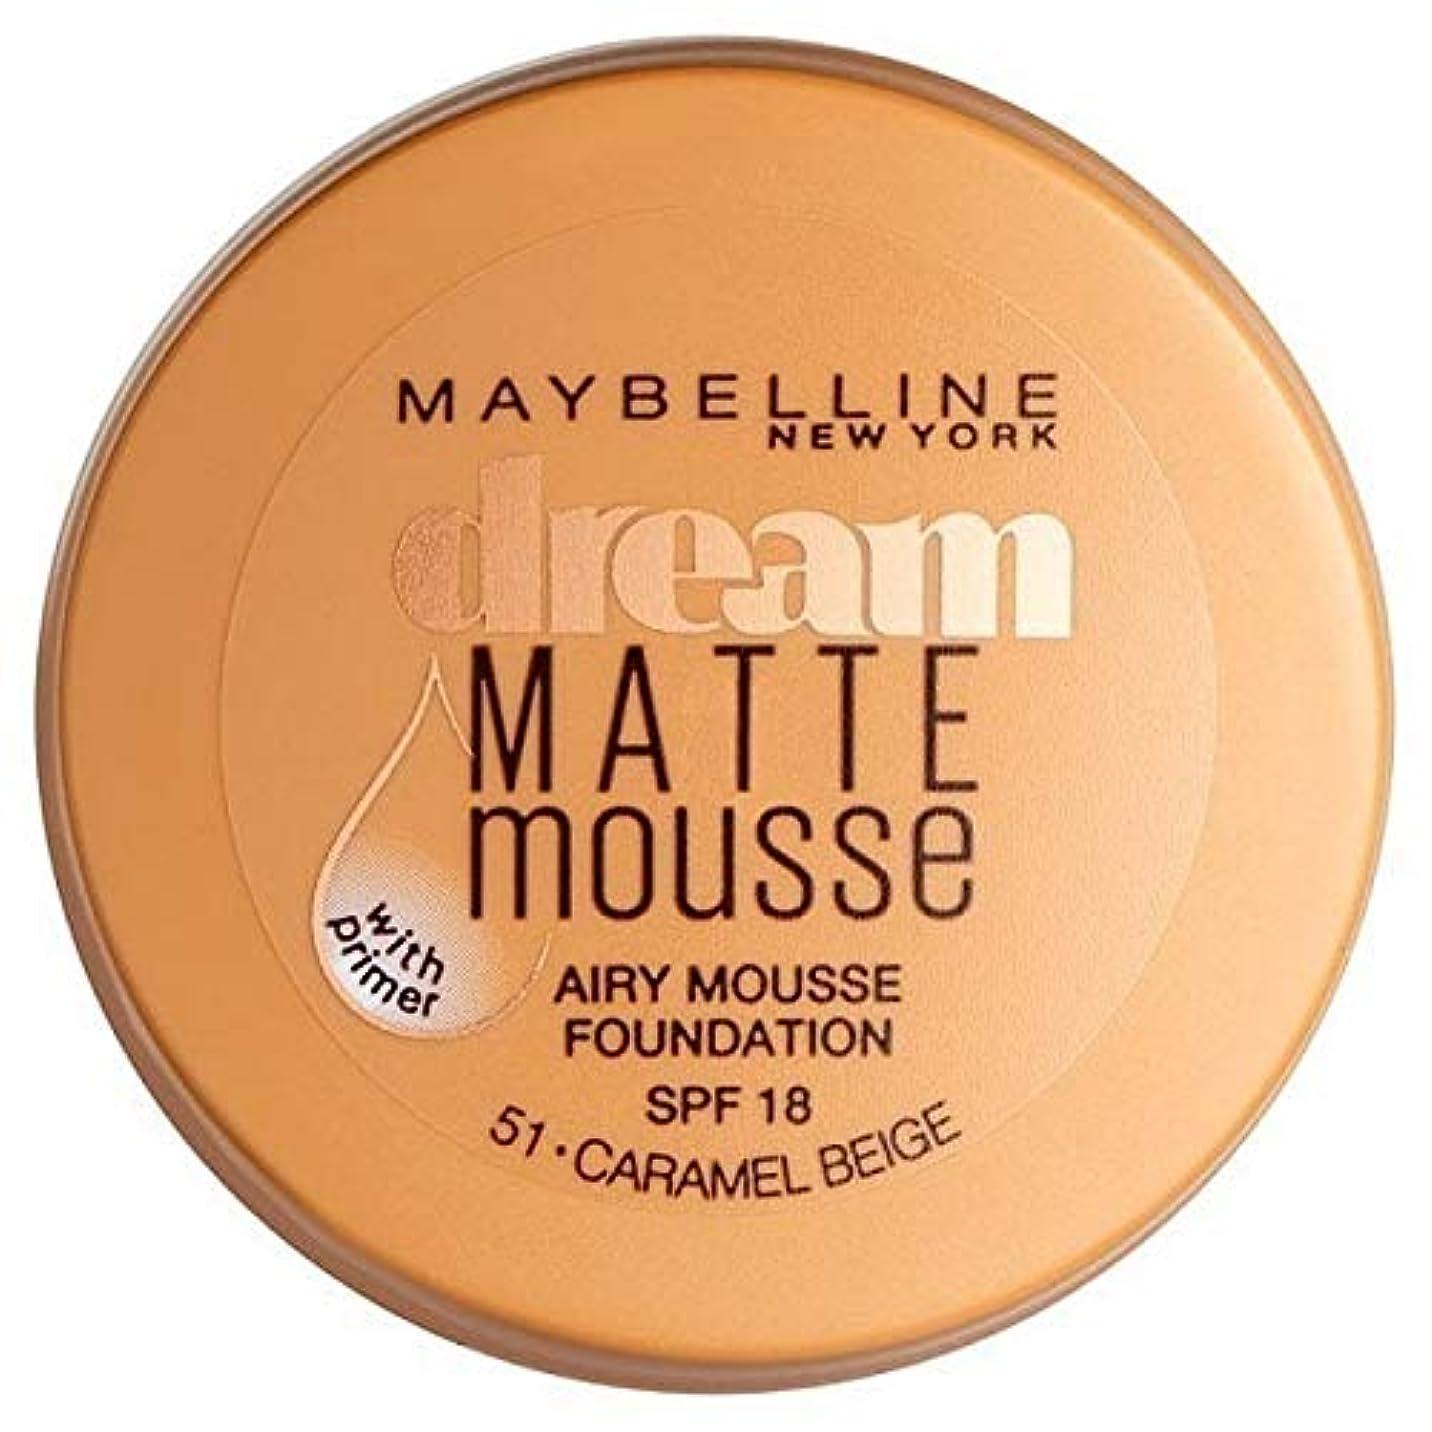 交通渋滞数値確実[Maybelline ] メイベリン夢のマットムース基盤051キャラメルベージュ - Maybelline Dream Matte Mousse Foundation 051 Caramel Beige [並行輸入品]